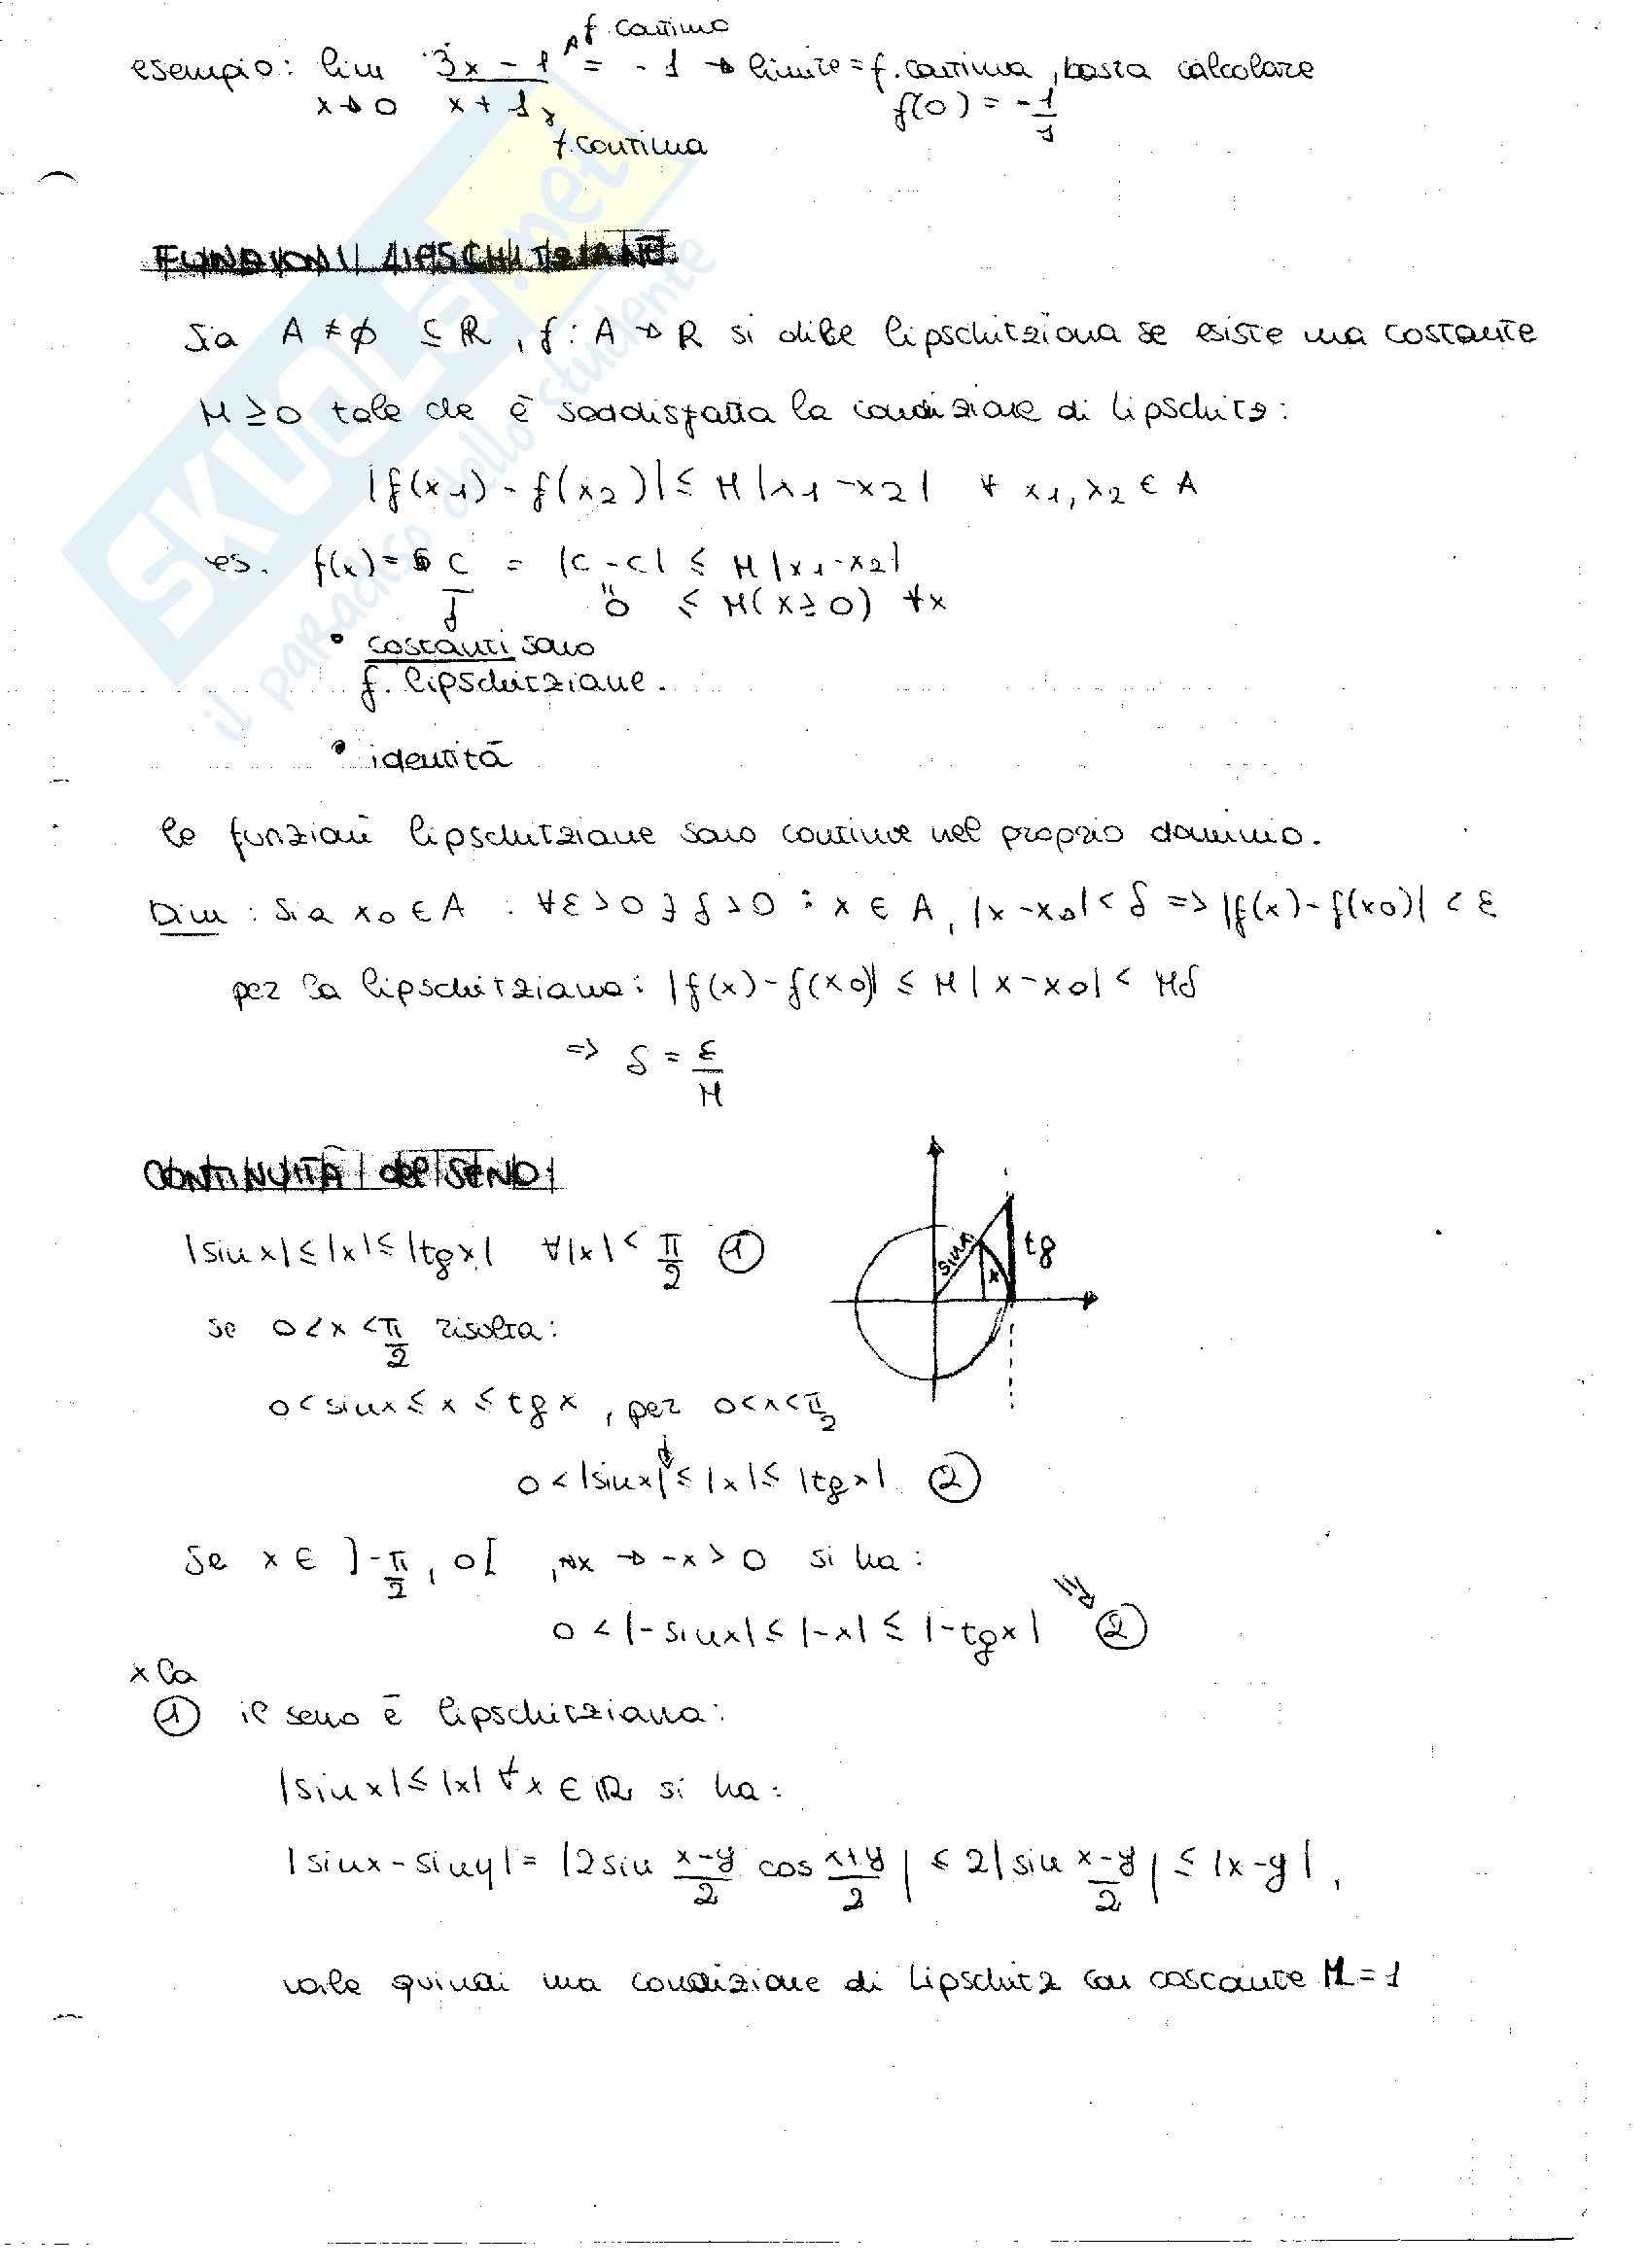 Principio di induzione e derivate: Appunti di Analisi matematica Pag. 21